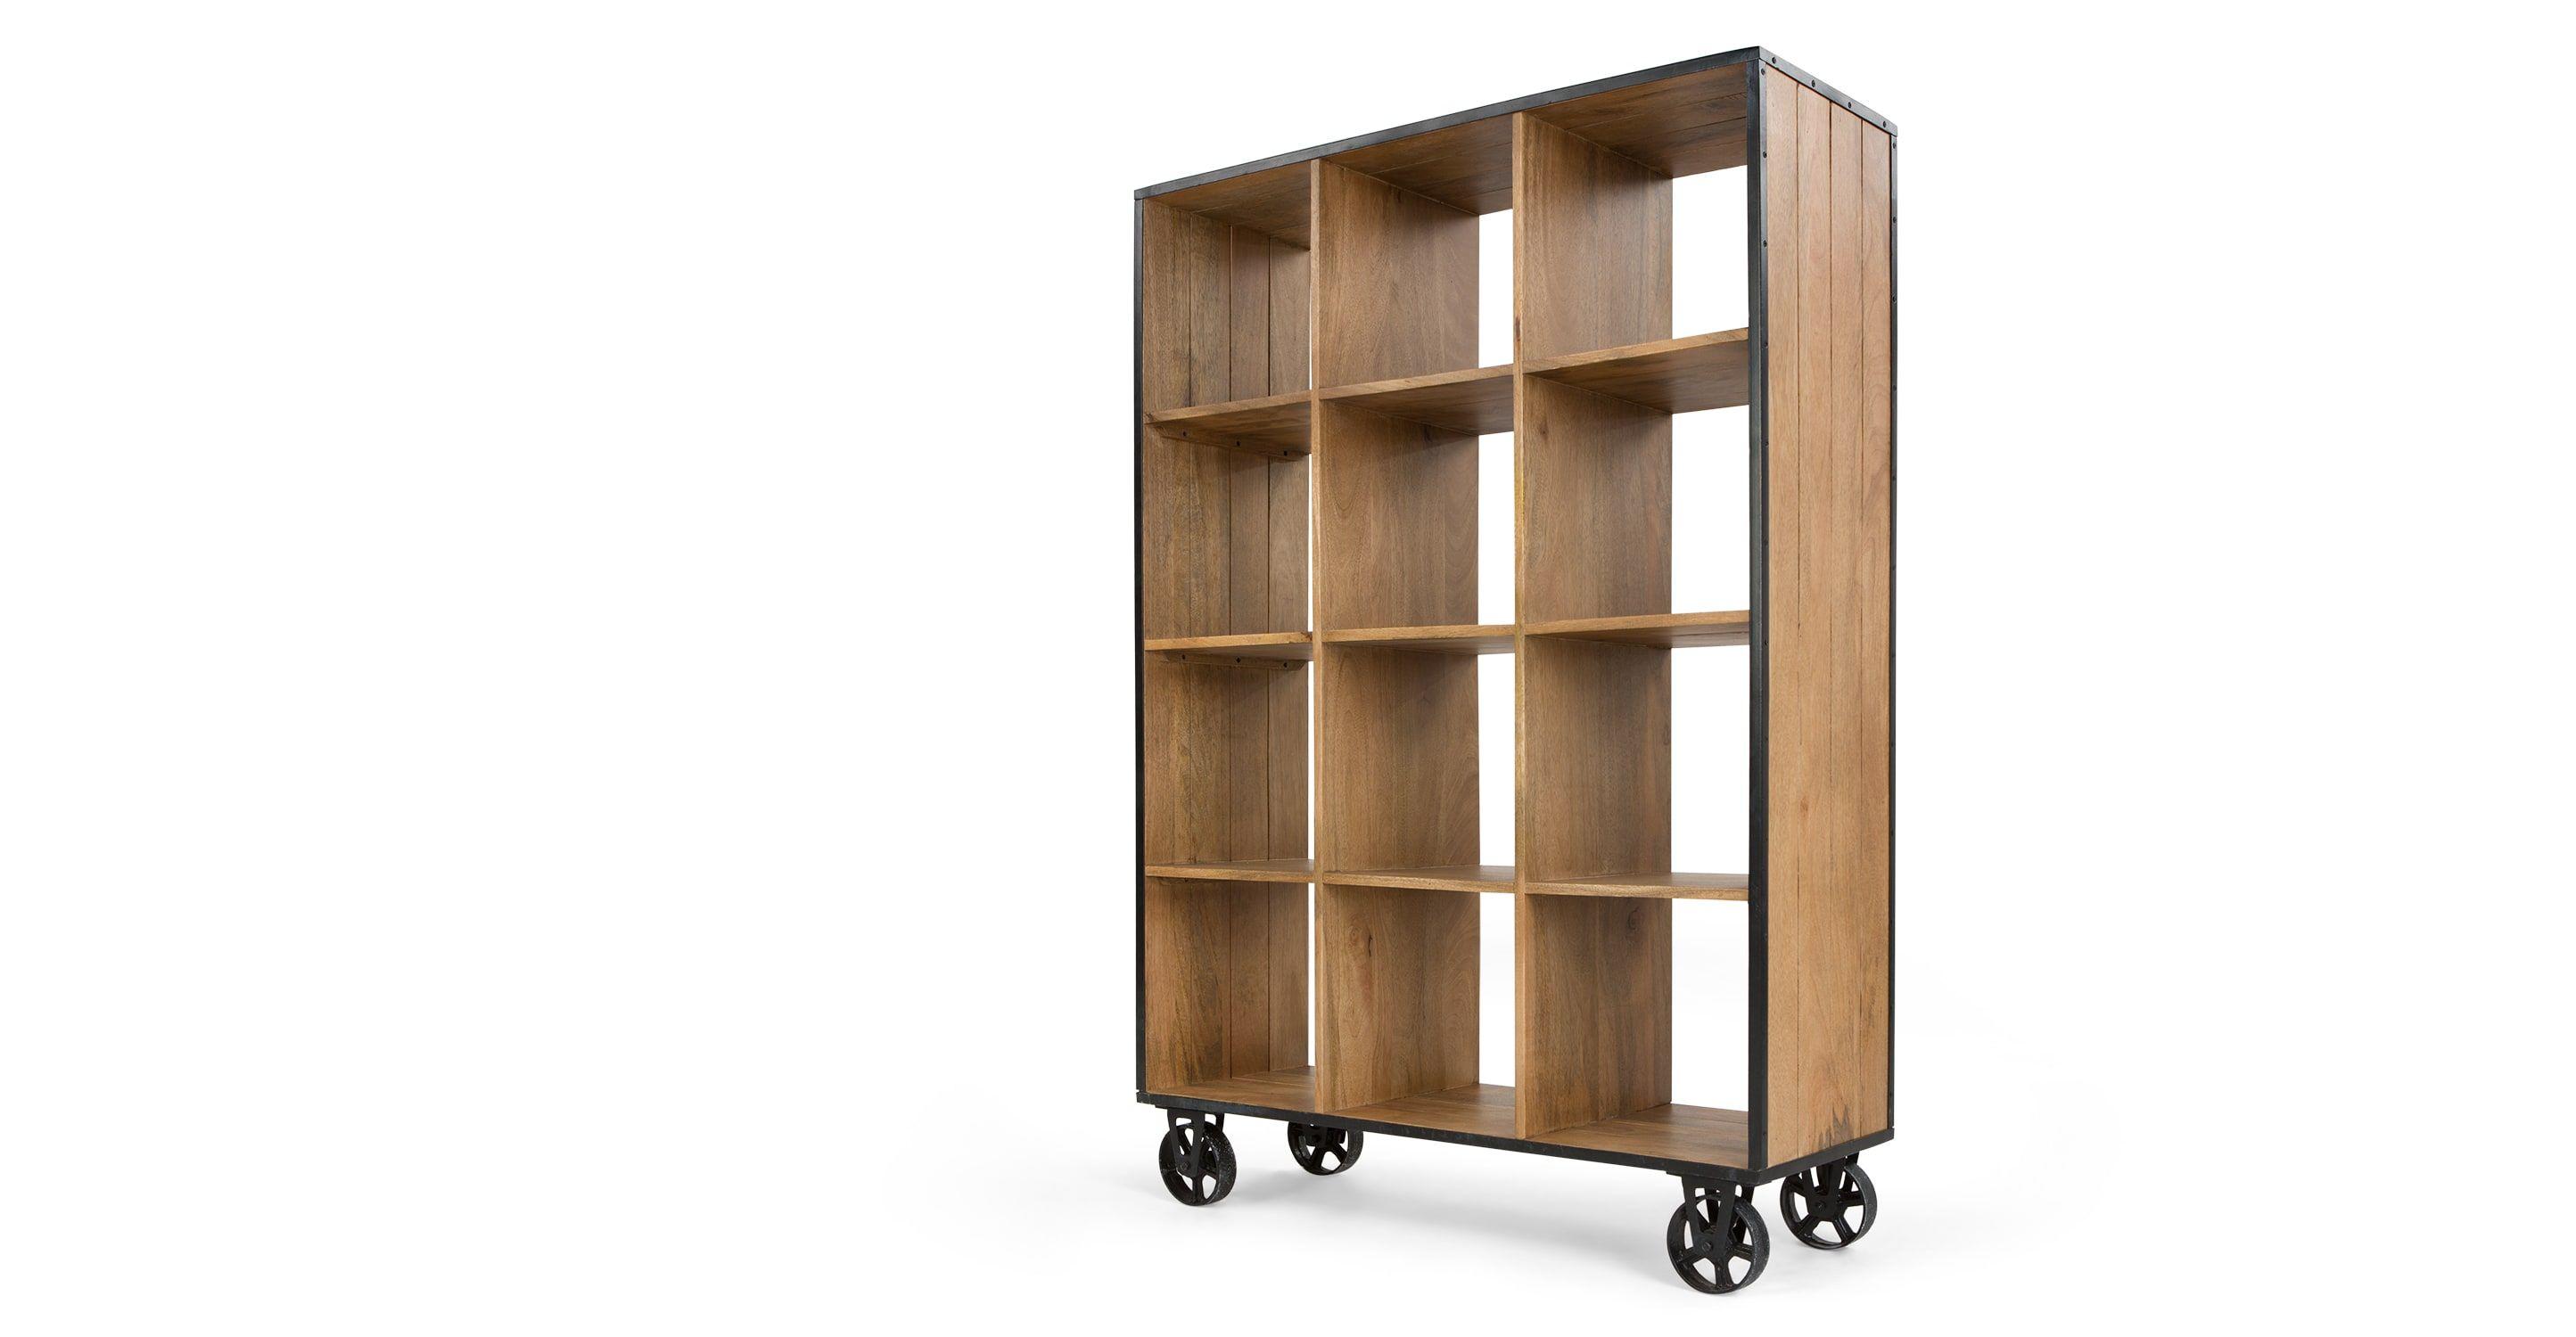 Humphrey Large Shelving Unit, Mango Wood | Woods, Apartment entrance ...